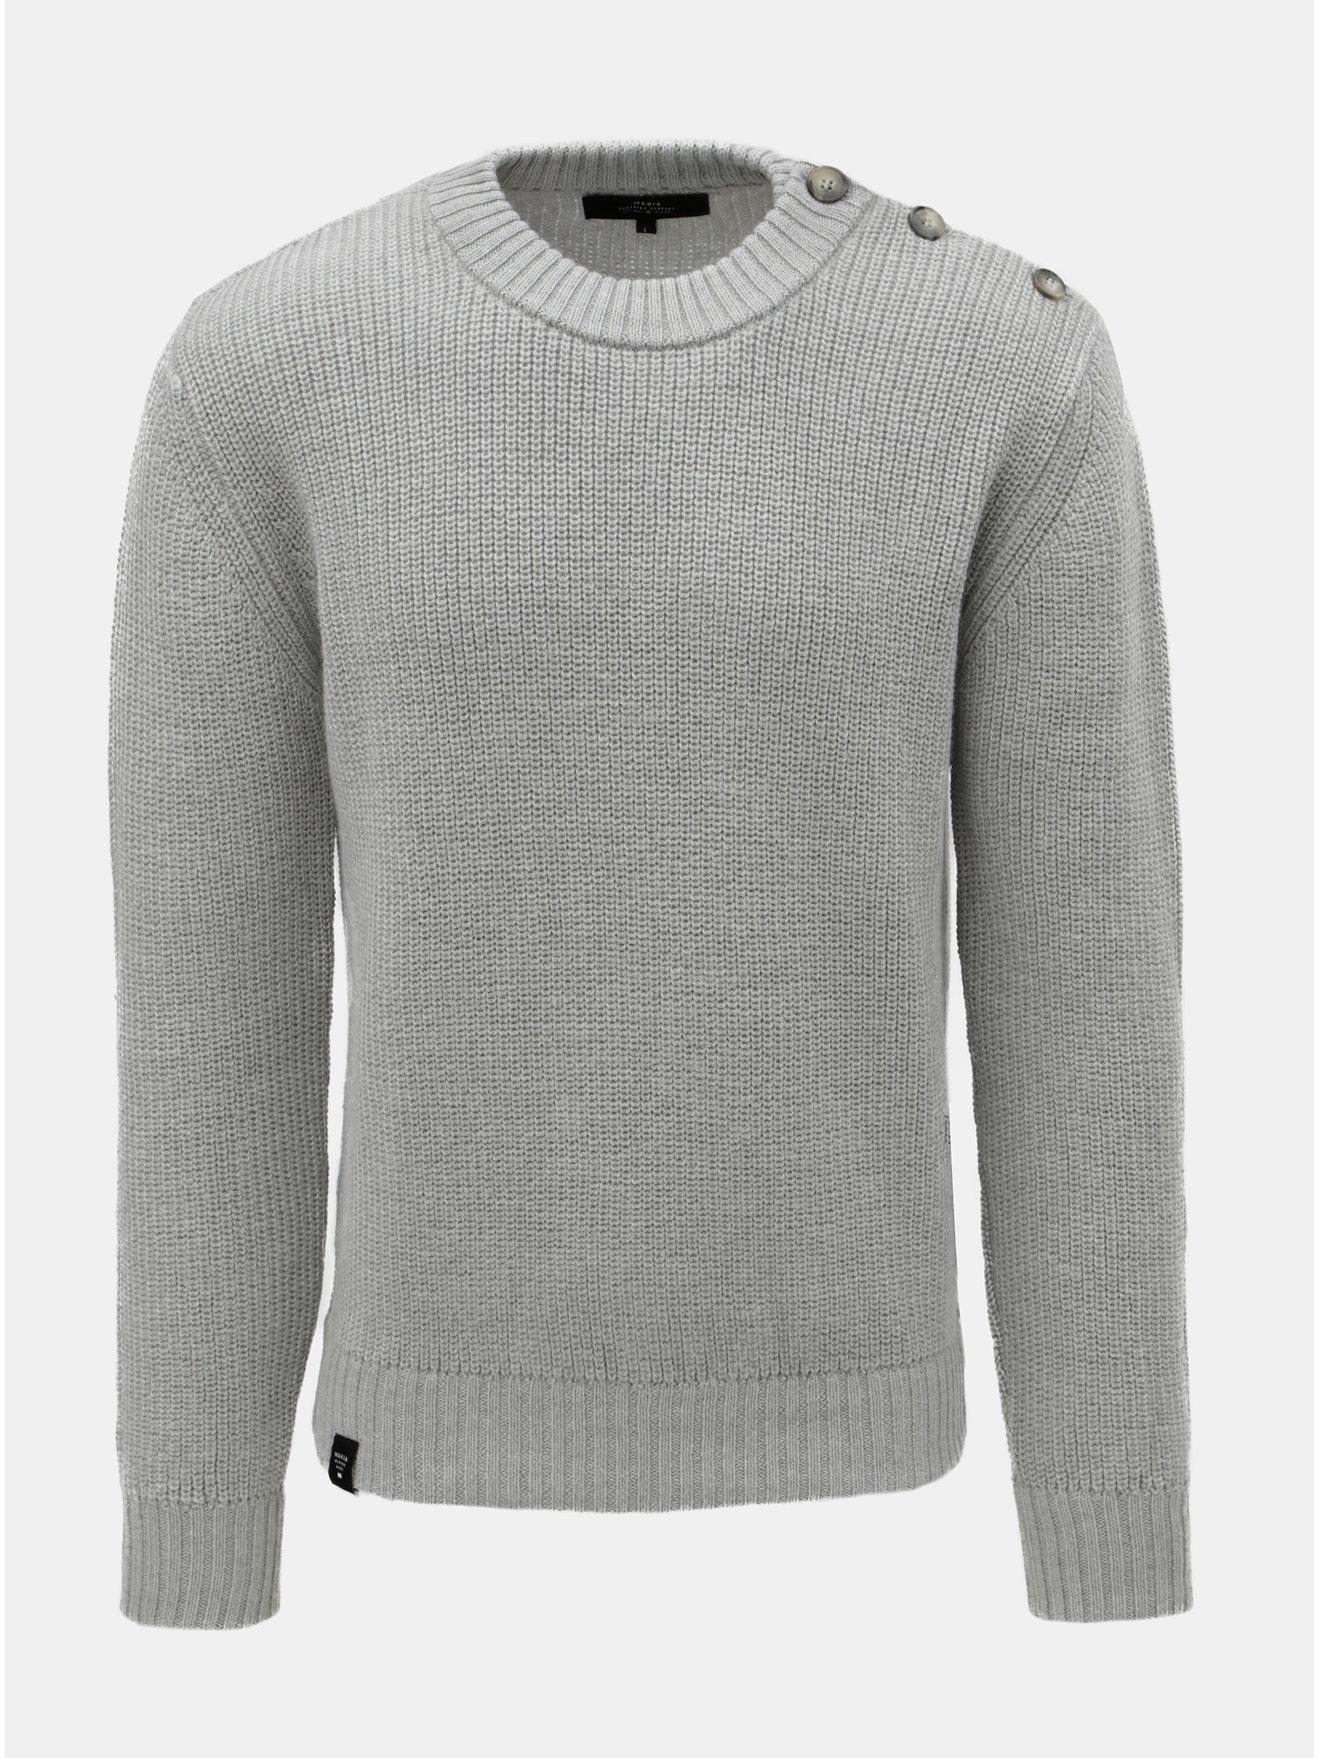 3df36cdef79 Světle šedý pánský svetr z Merino vlny a s knoflíky na ramenou Makia Admiral